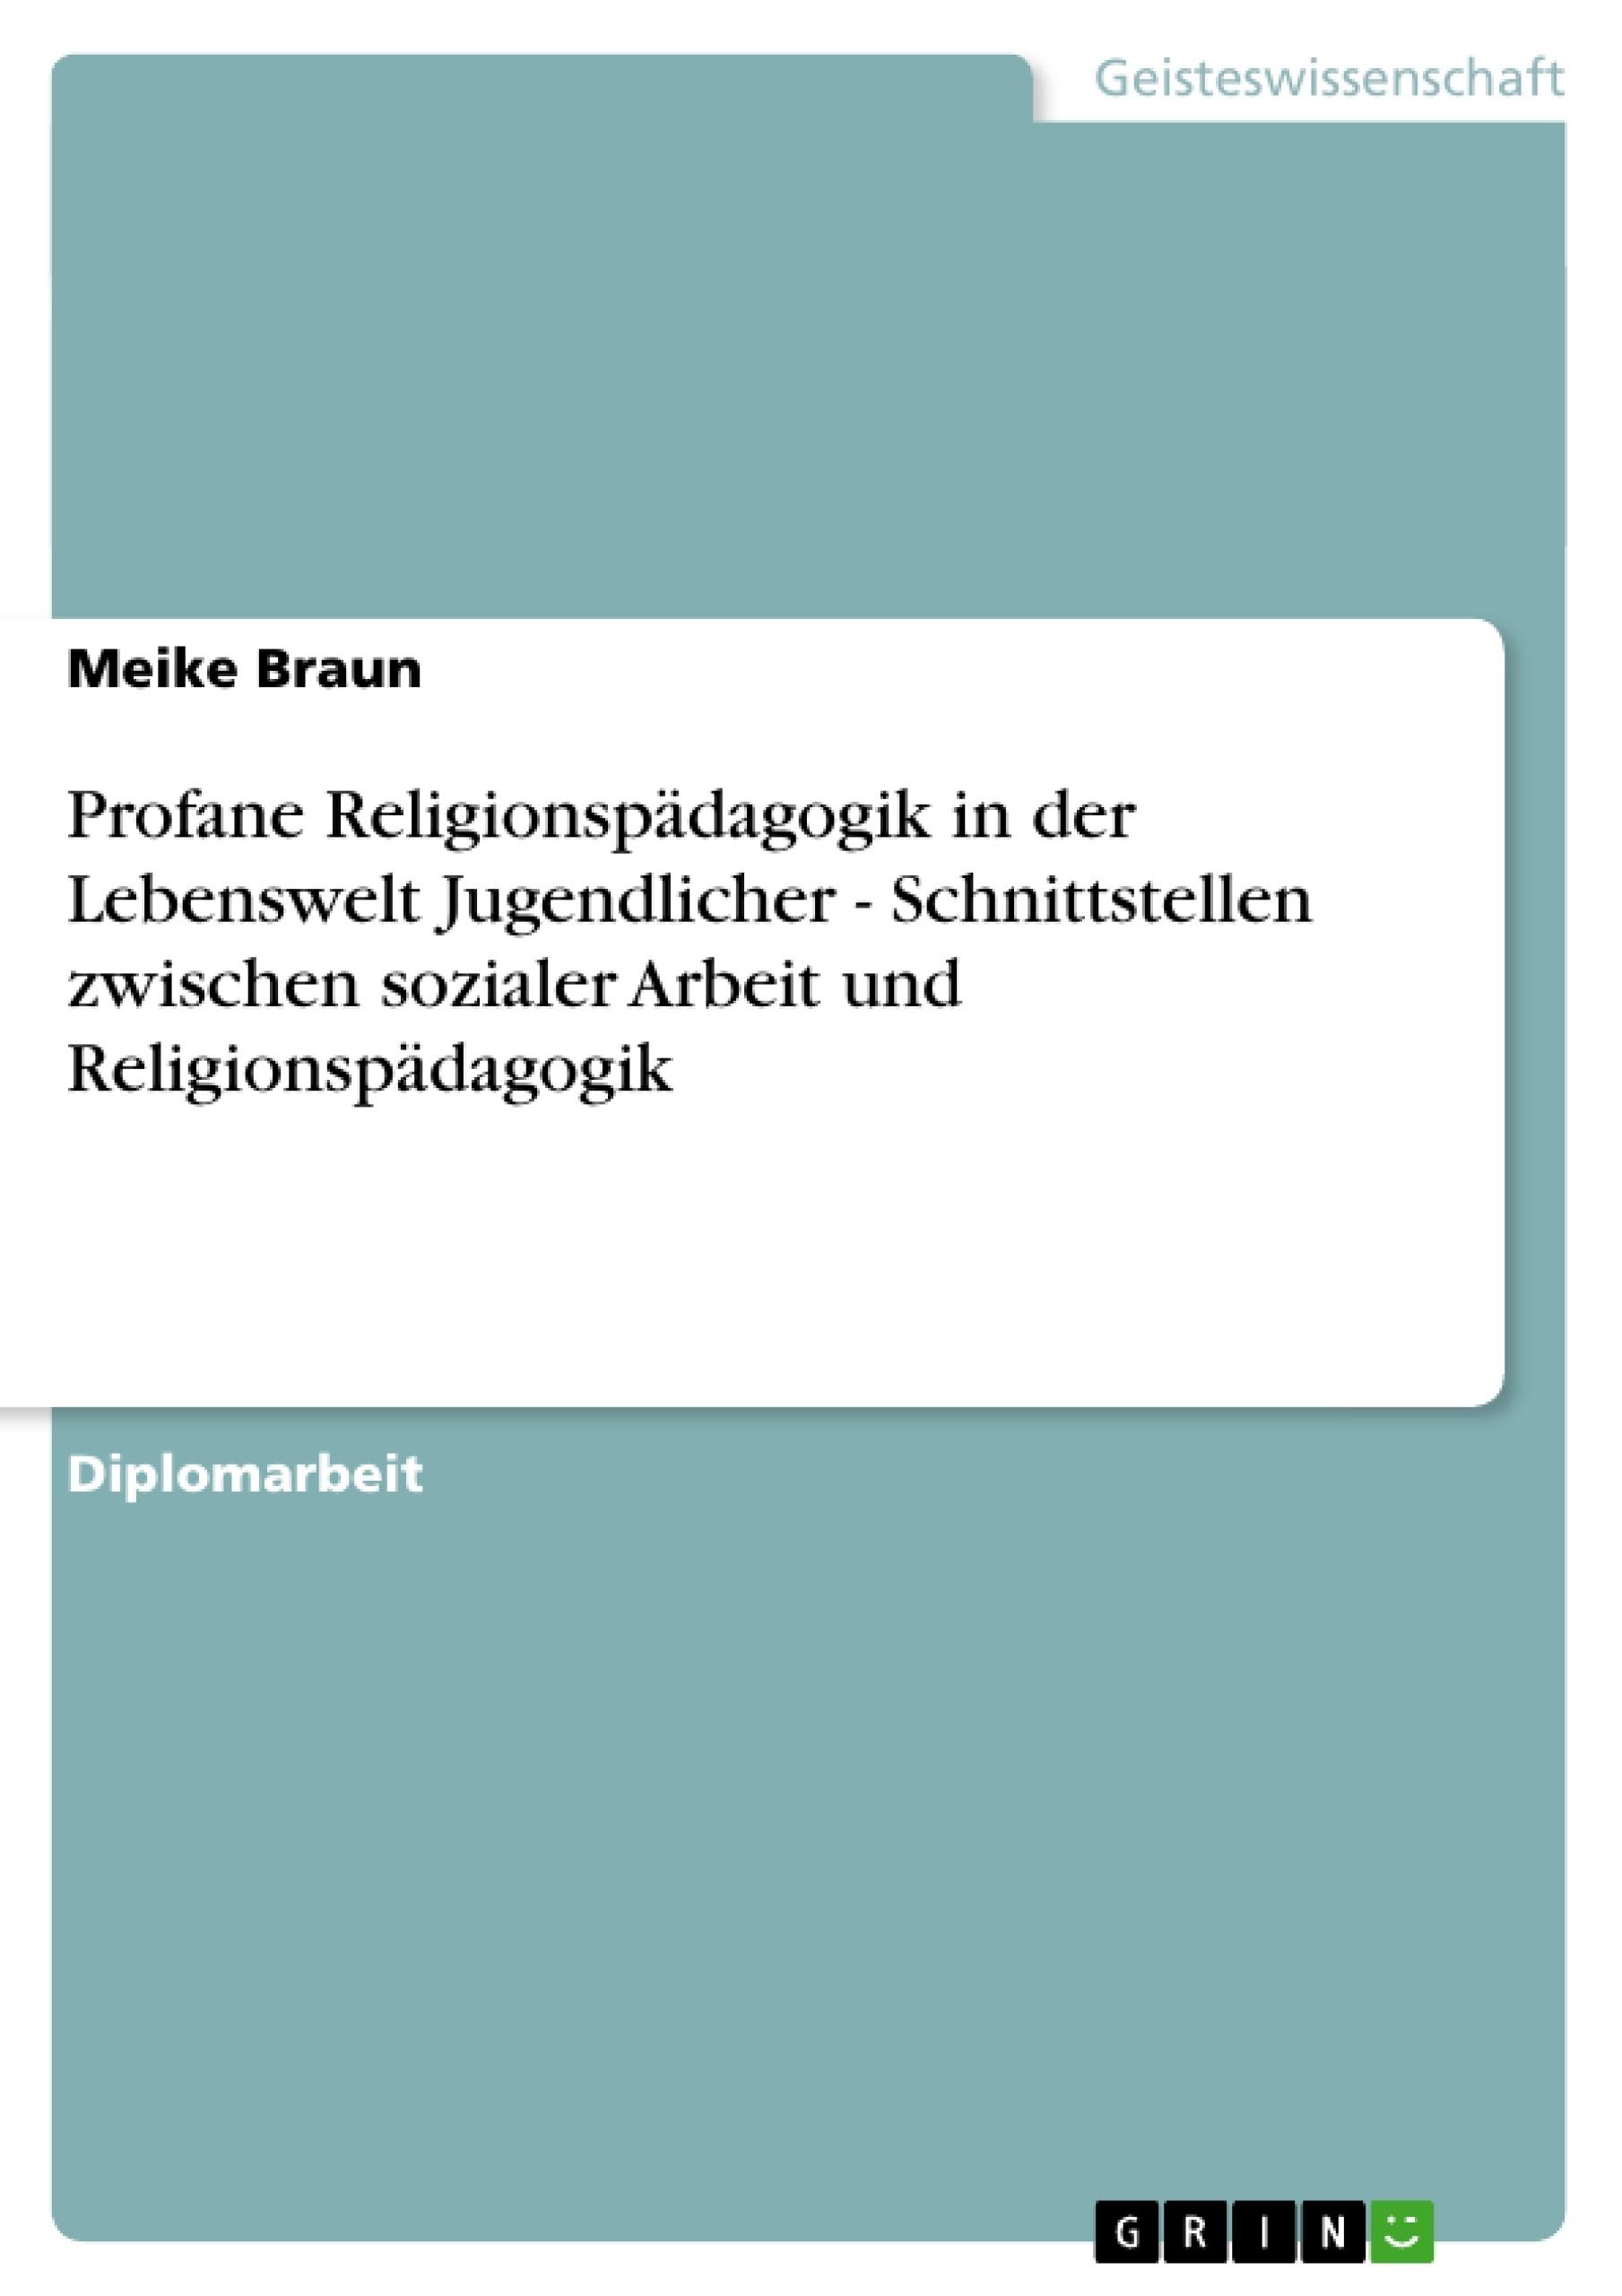 Titel: Profane Religionspädagogik in der Lebenswelt Jugendlicher - Schnittstellen zwischen sozialer Arbeit und Religionspädagogik